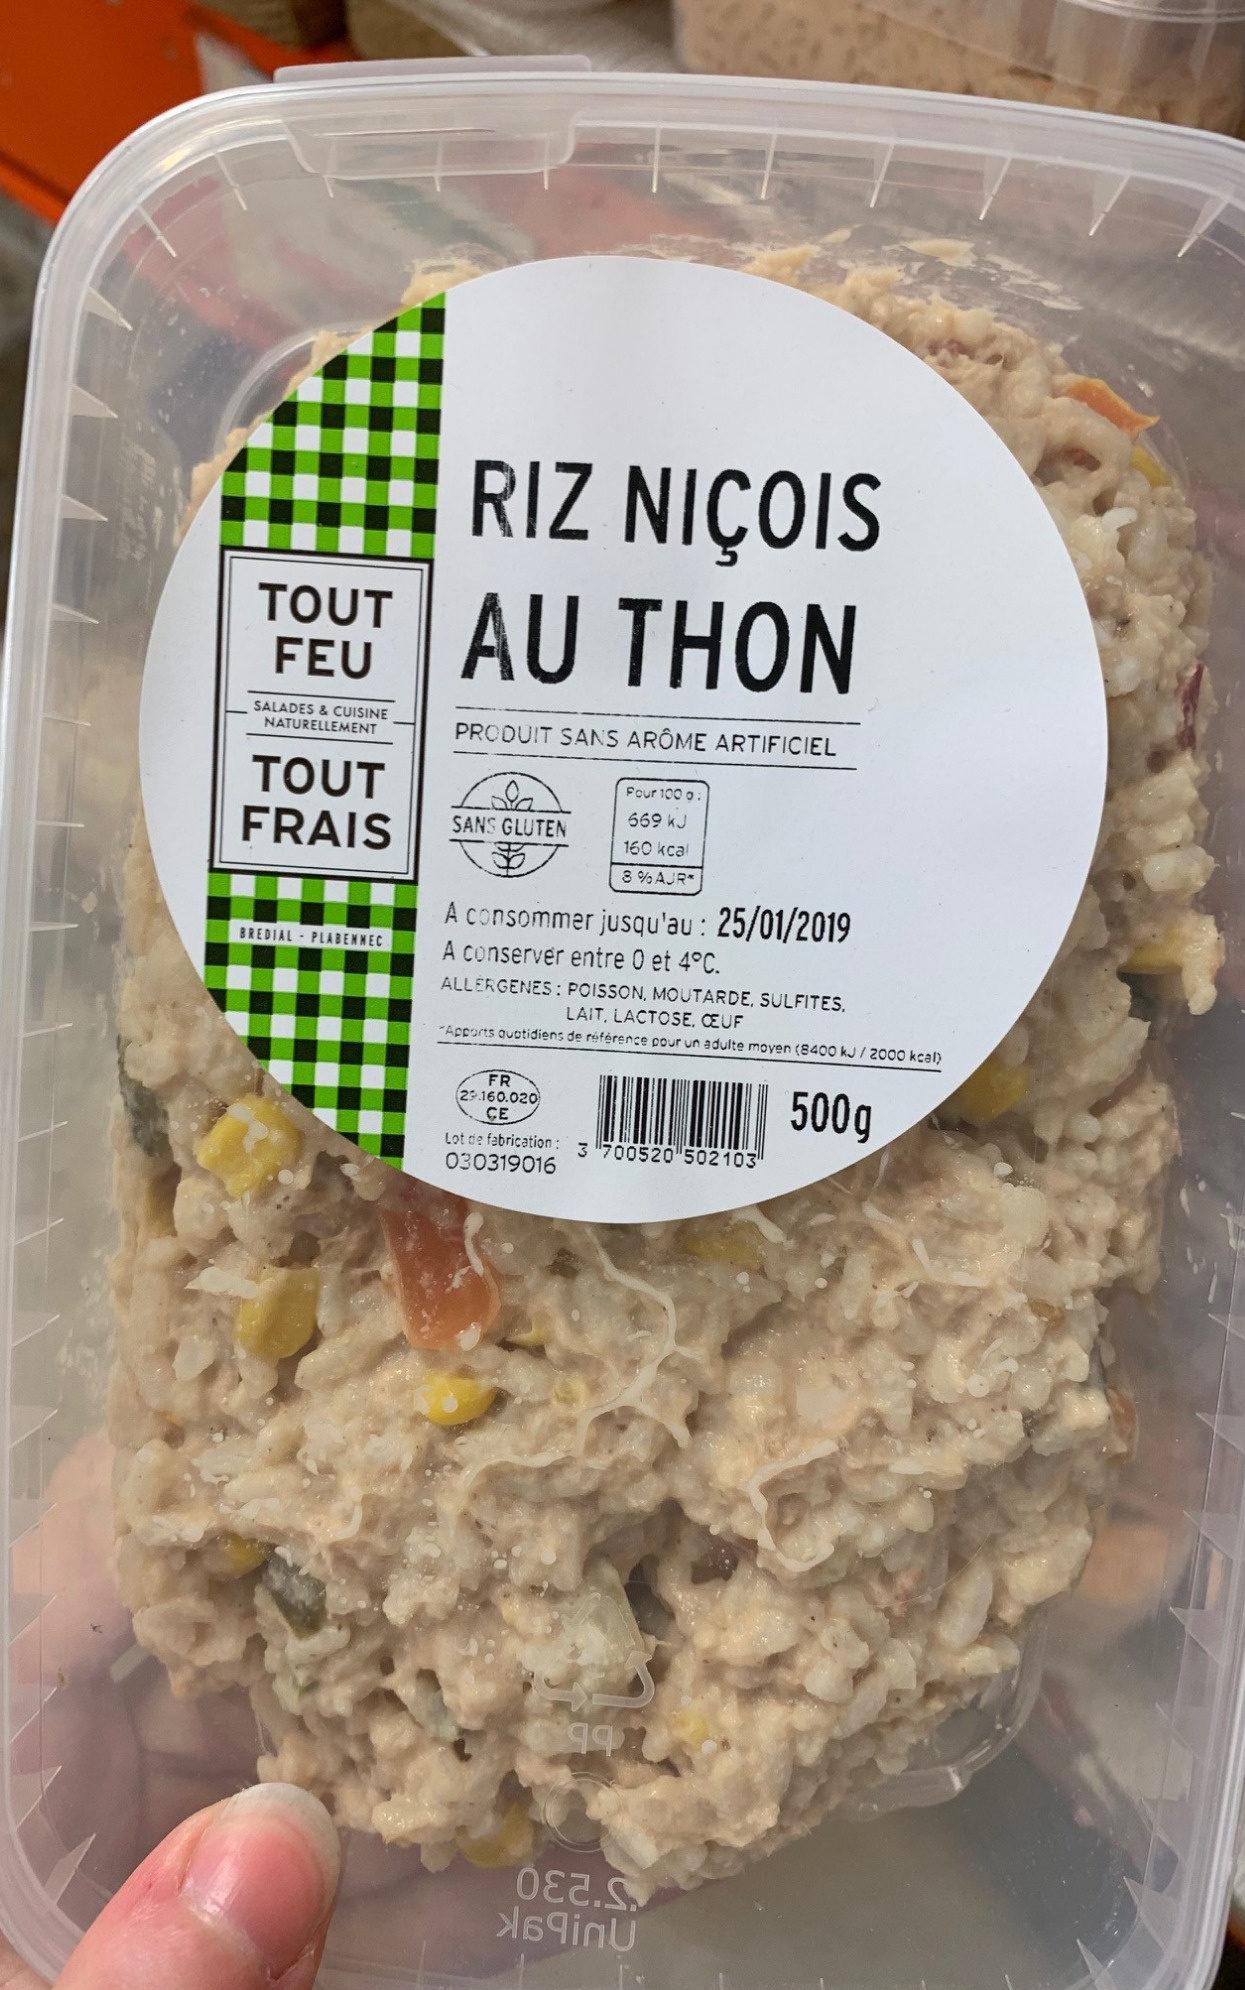 Riz niçois au thon - Product - fr